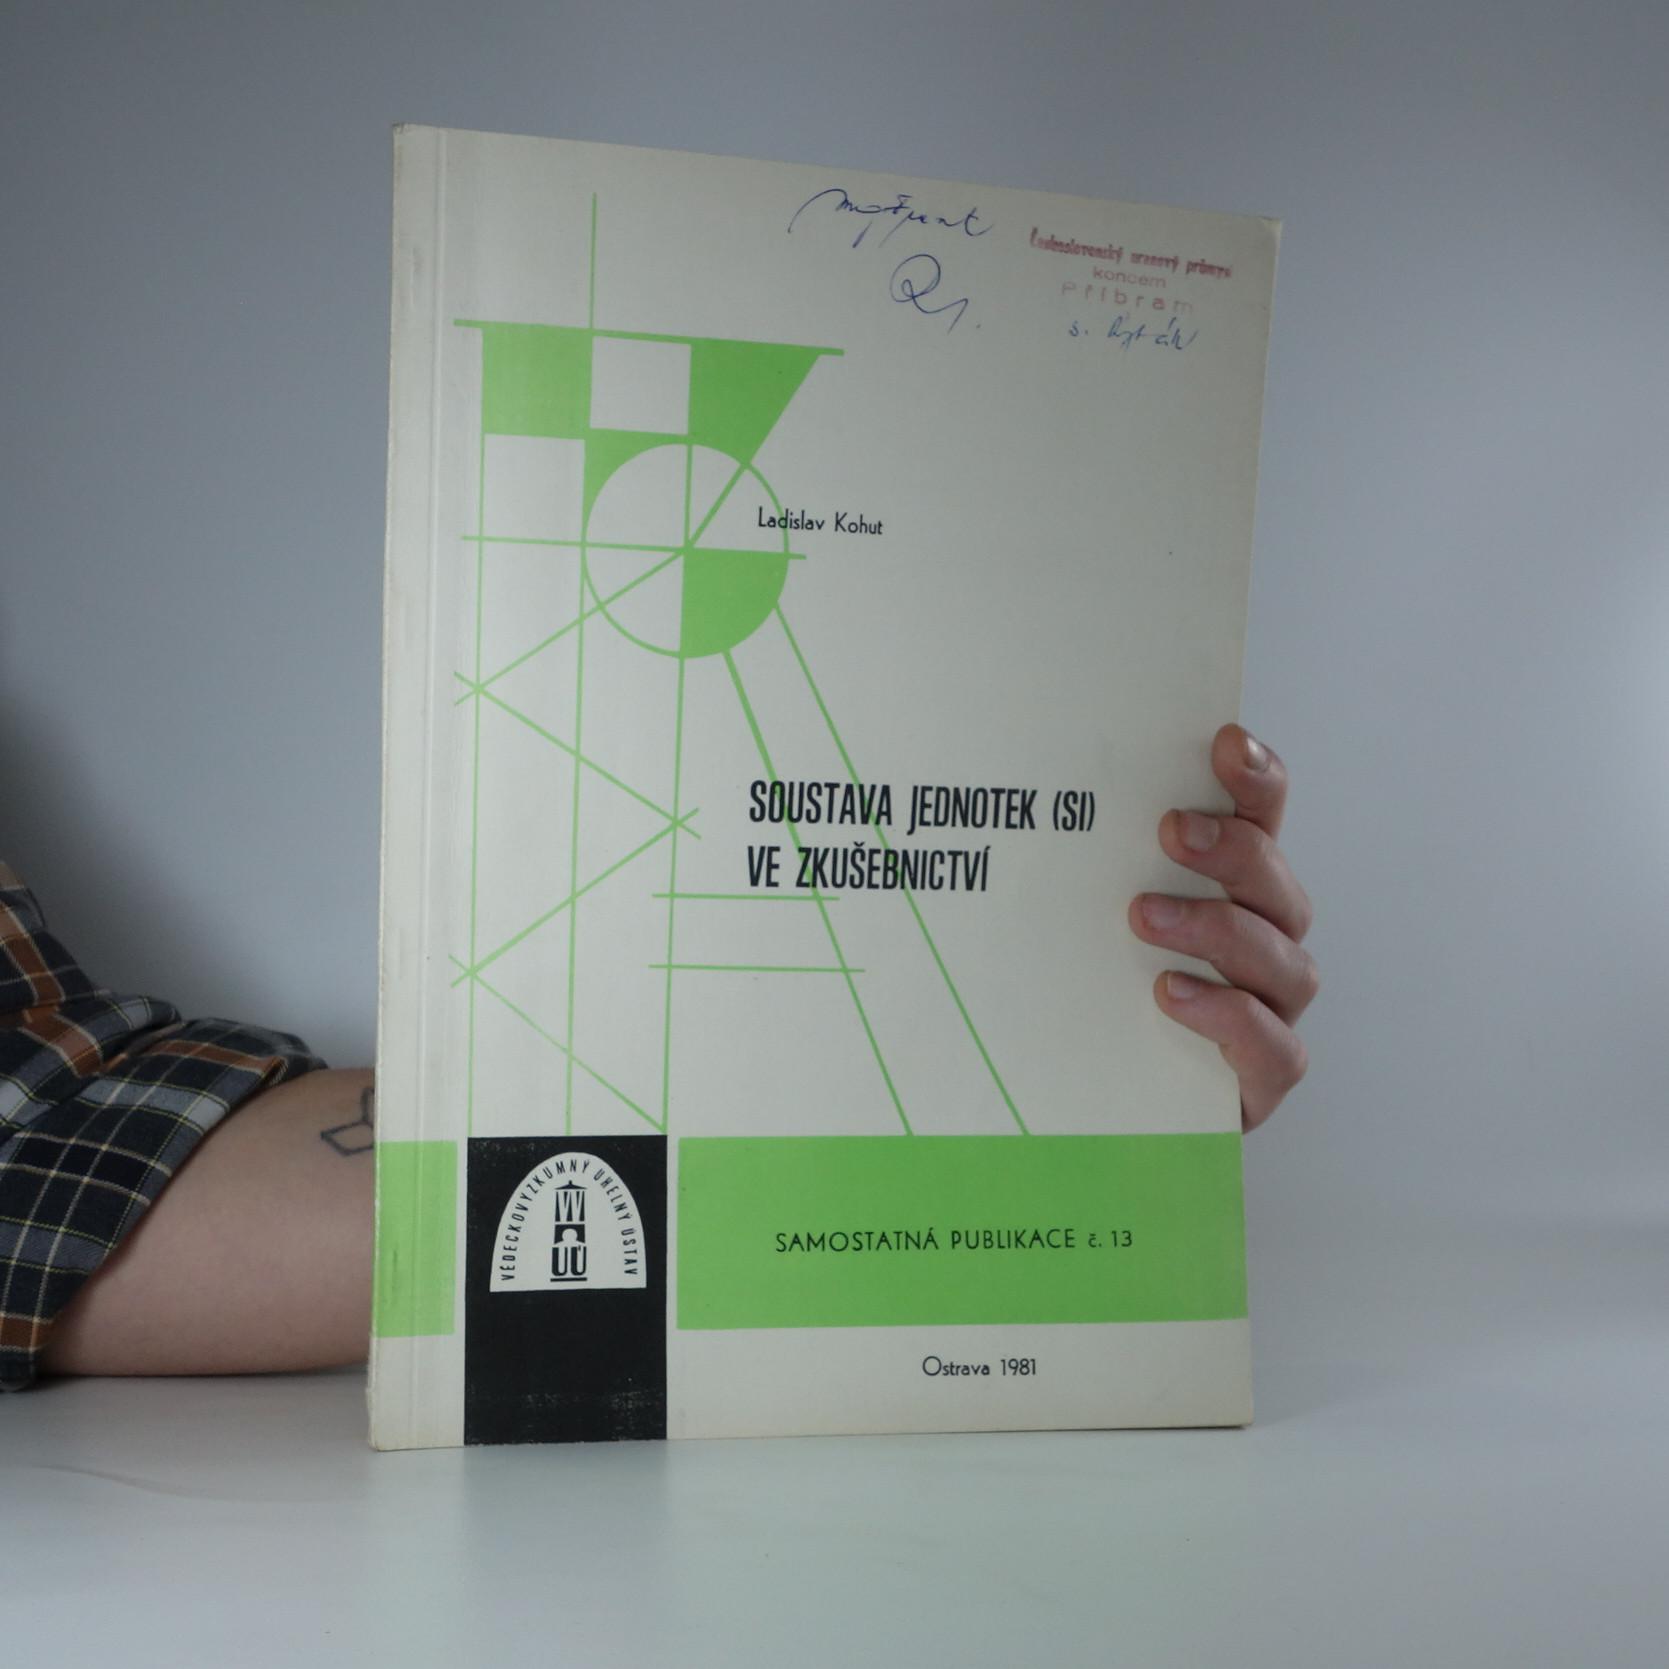 antikvární kniha Soustava jednotek (SI) ve zkušebnictví, 1981